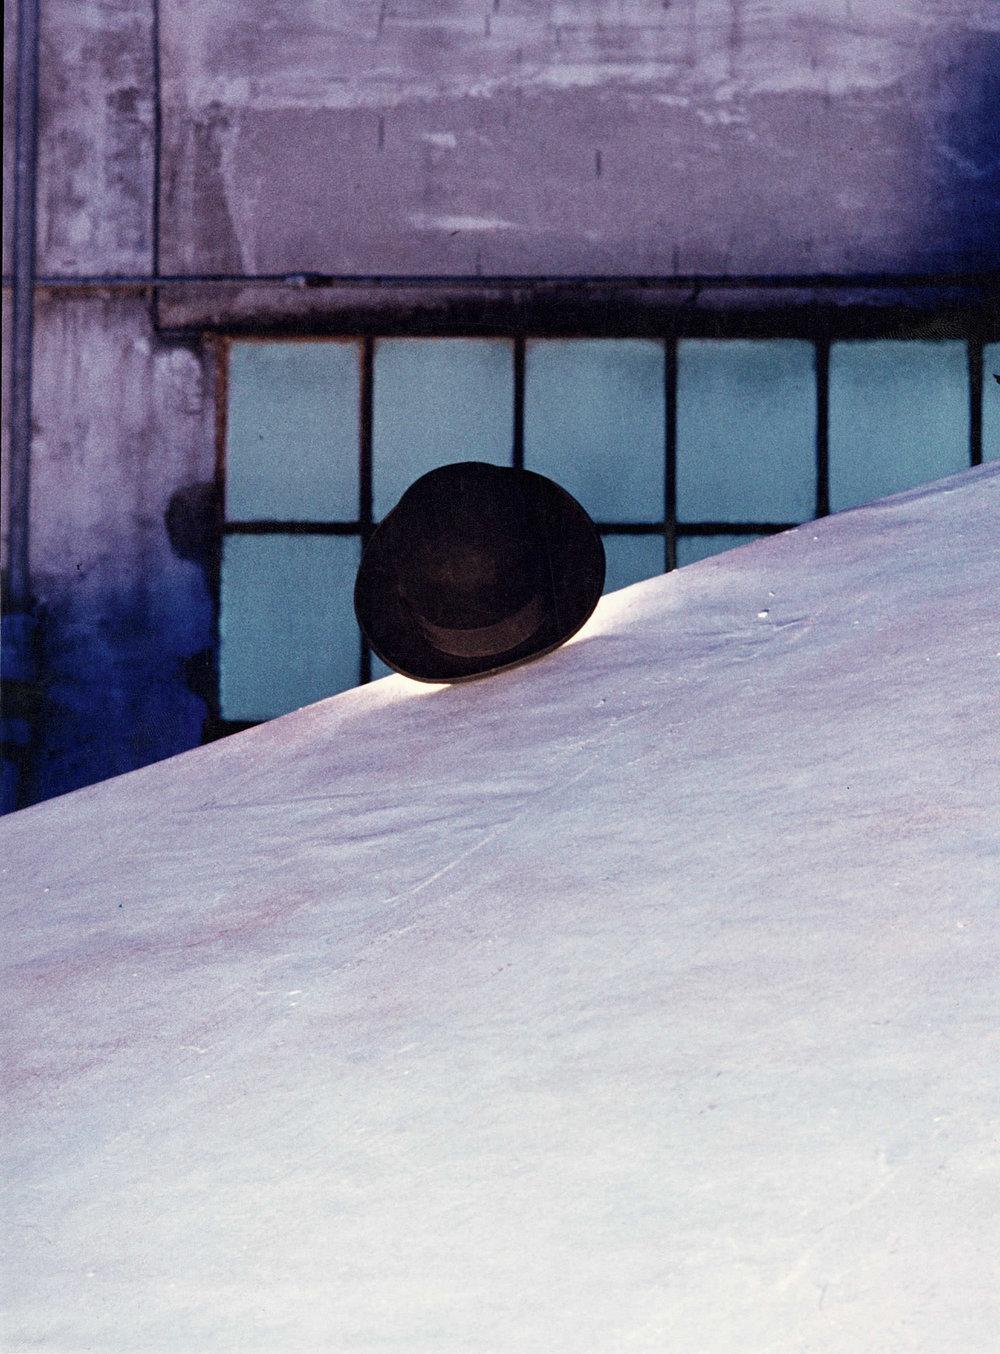 Marco Bagnoli, Bonjour, Monsieur Cézanne, cappello di feltro, Galleria Lucio Amelio, Napoli 1978. Fotografia di Maria Benelli